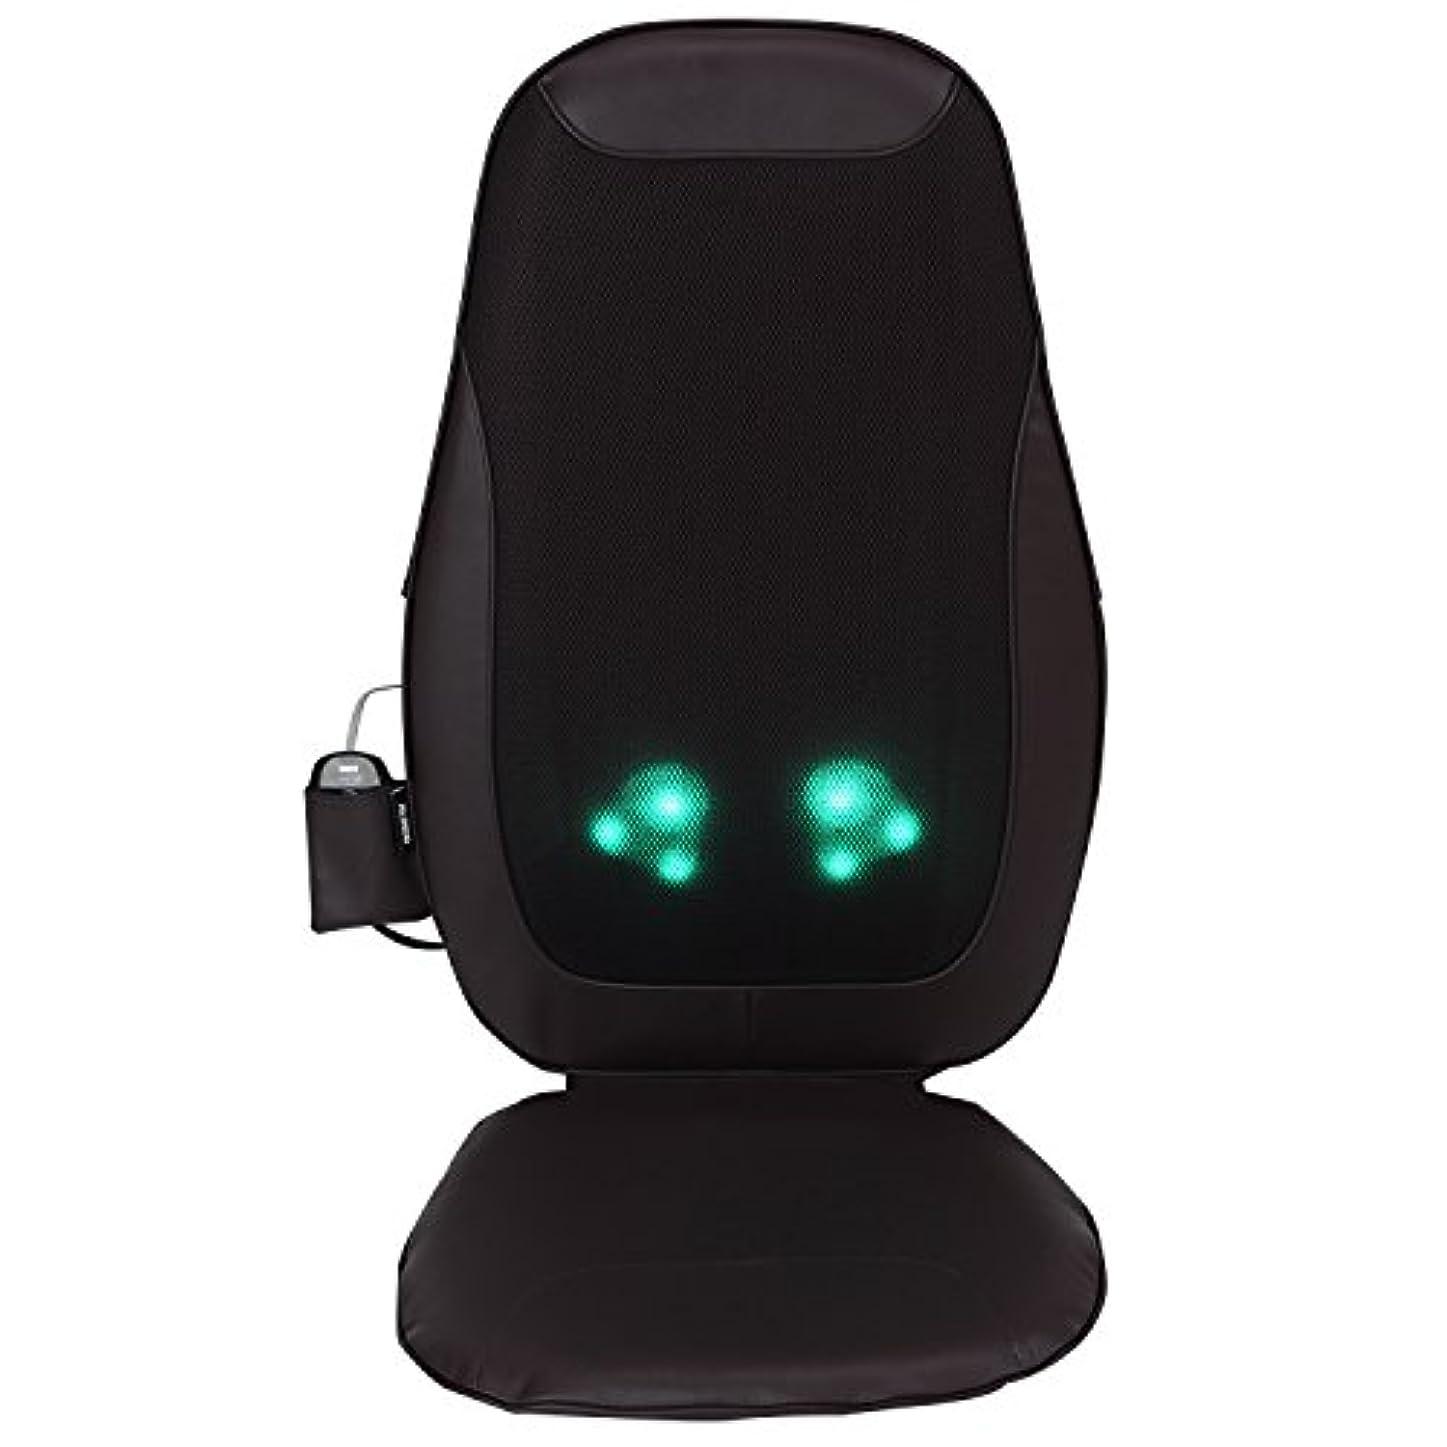 こっそりマイクロフォン傷つけるALINCO(アルインコ) シートマッサージャー ヒーター搭載 どこでもマッサージャー モミっくす Re?フレッシュ MCR2216(T)